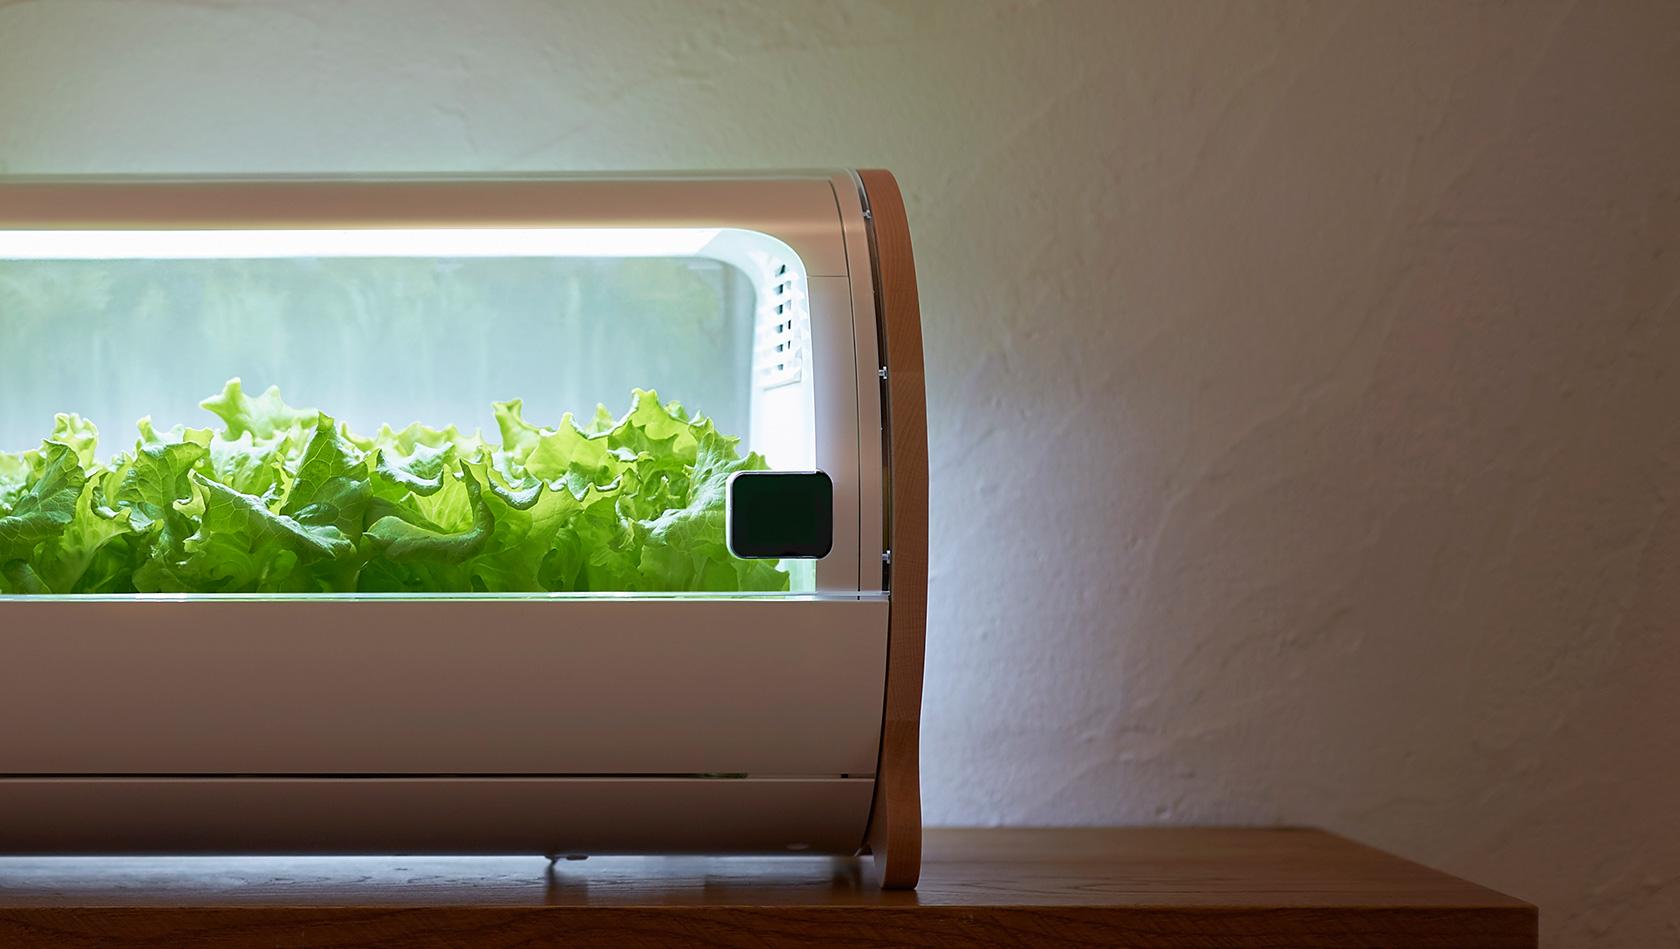 Frischer Salat gefällig? (Foto: Foop)